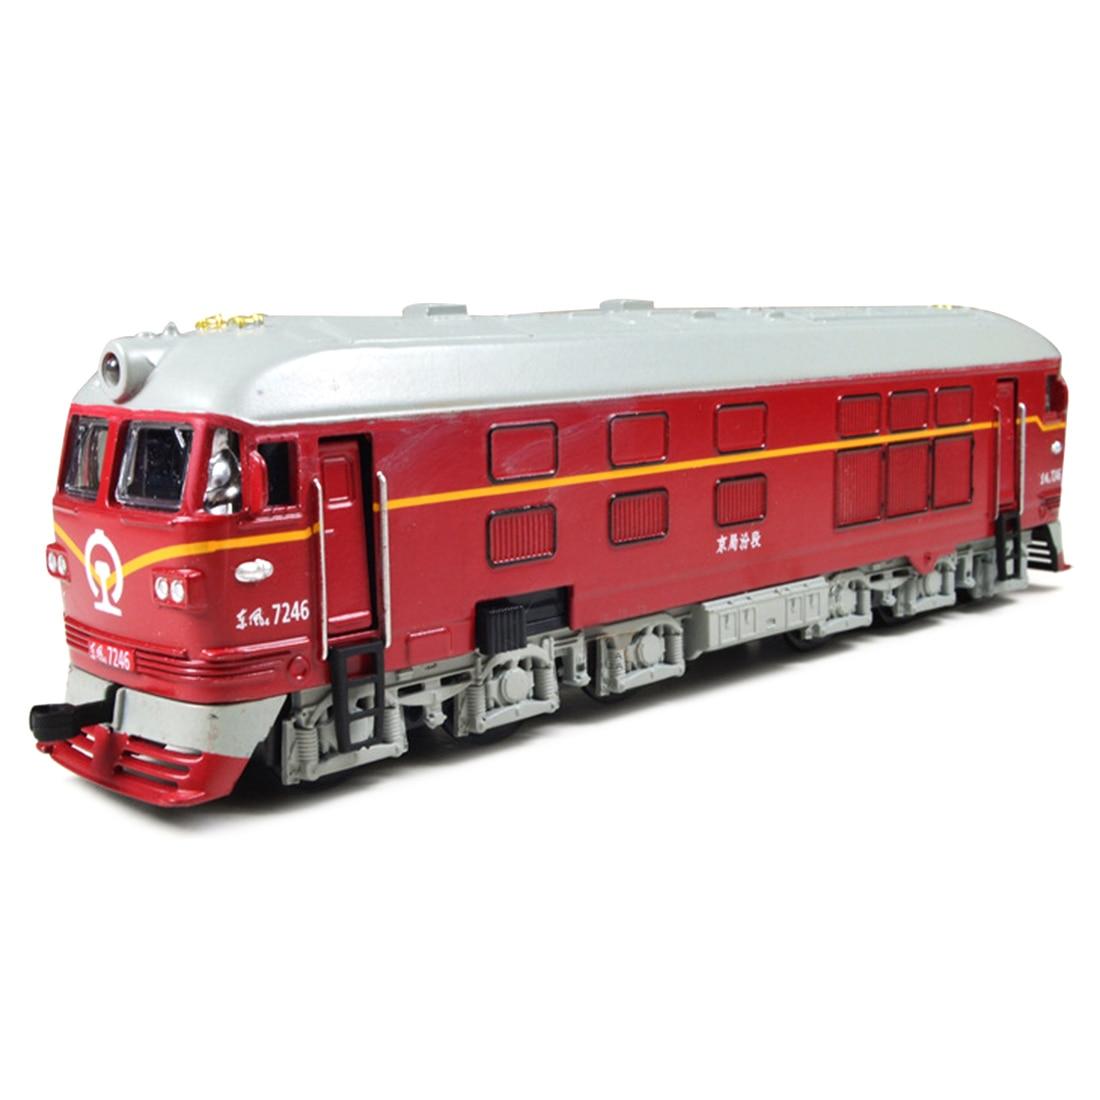 1 pcs simulado liga trem locomotiva modelo puxar para tras veiculo brinquedo com puxar para tras